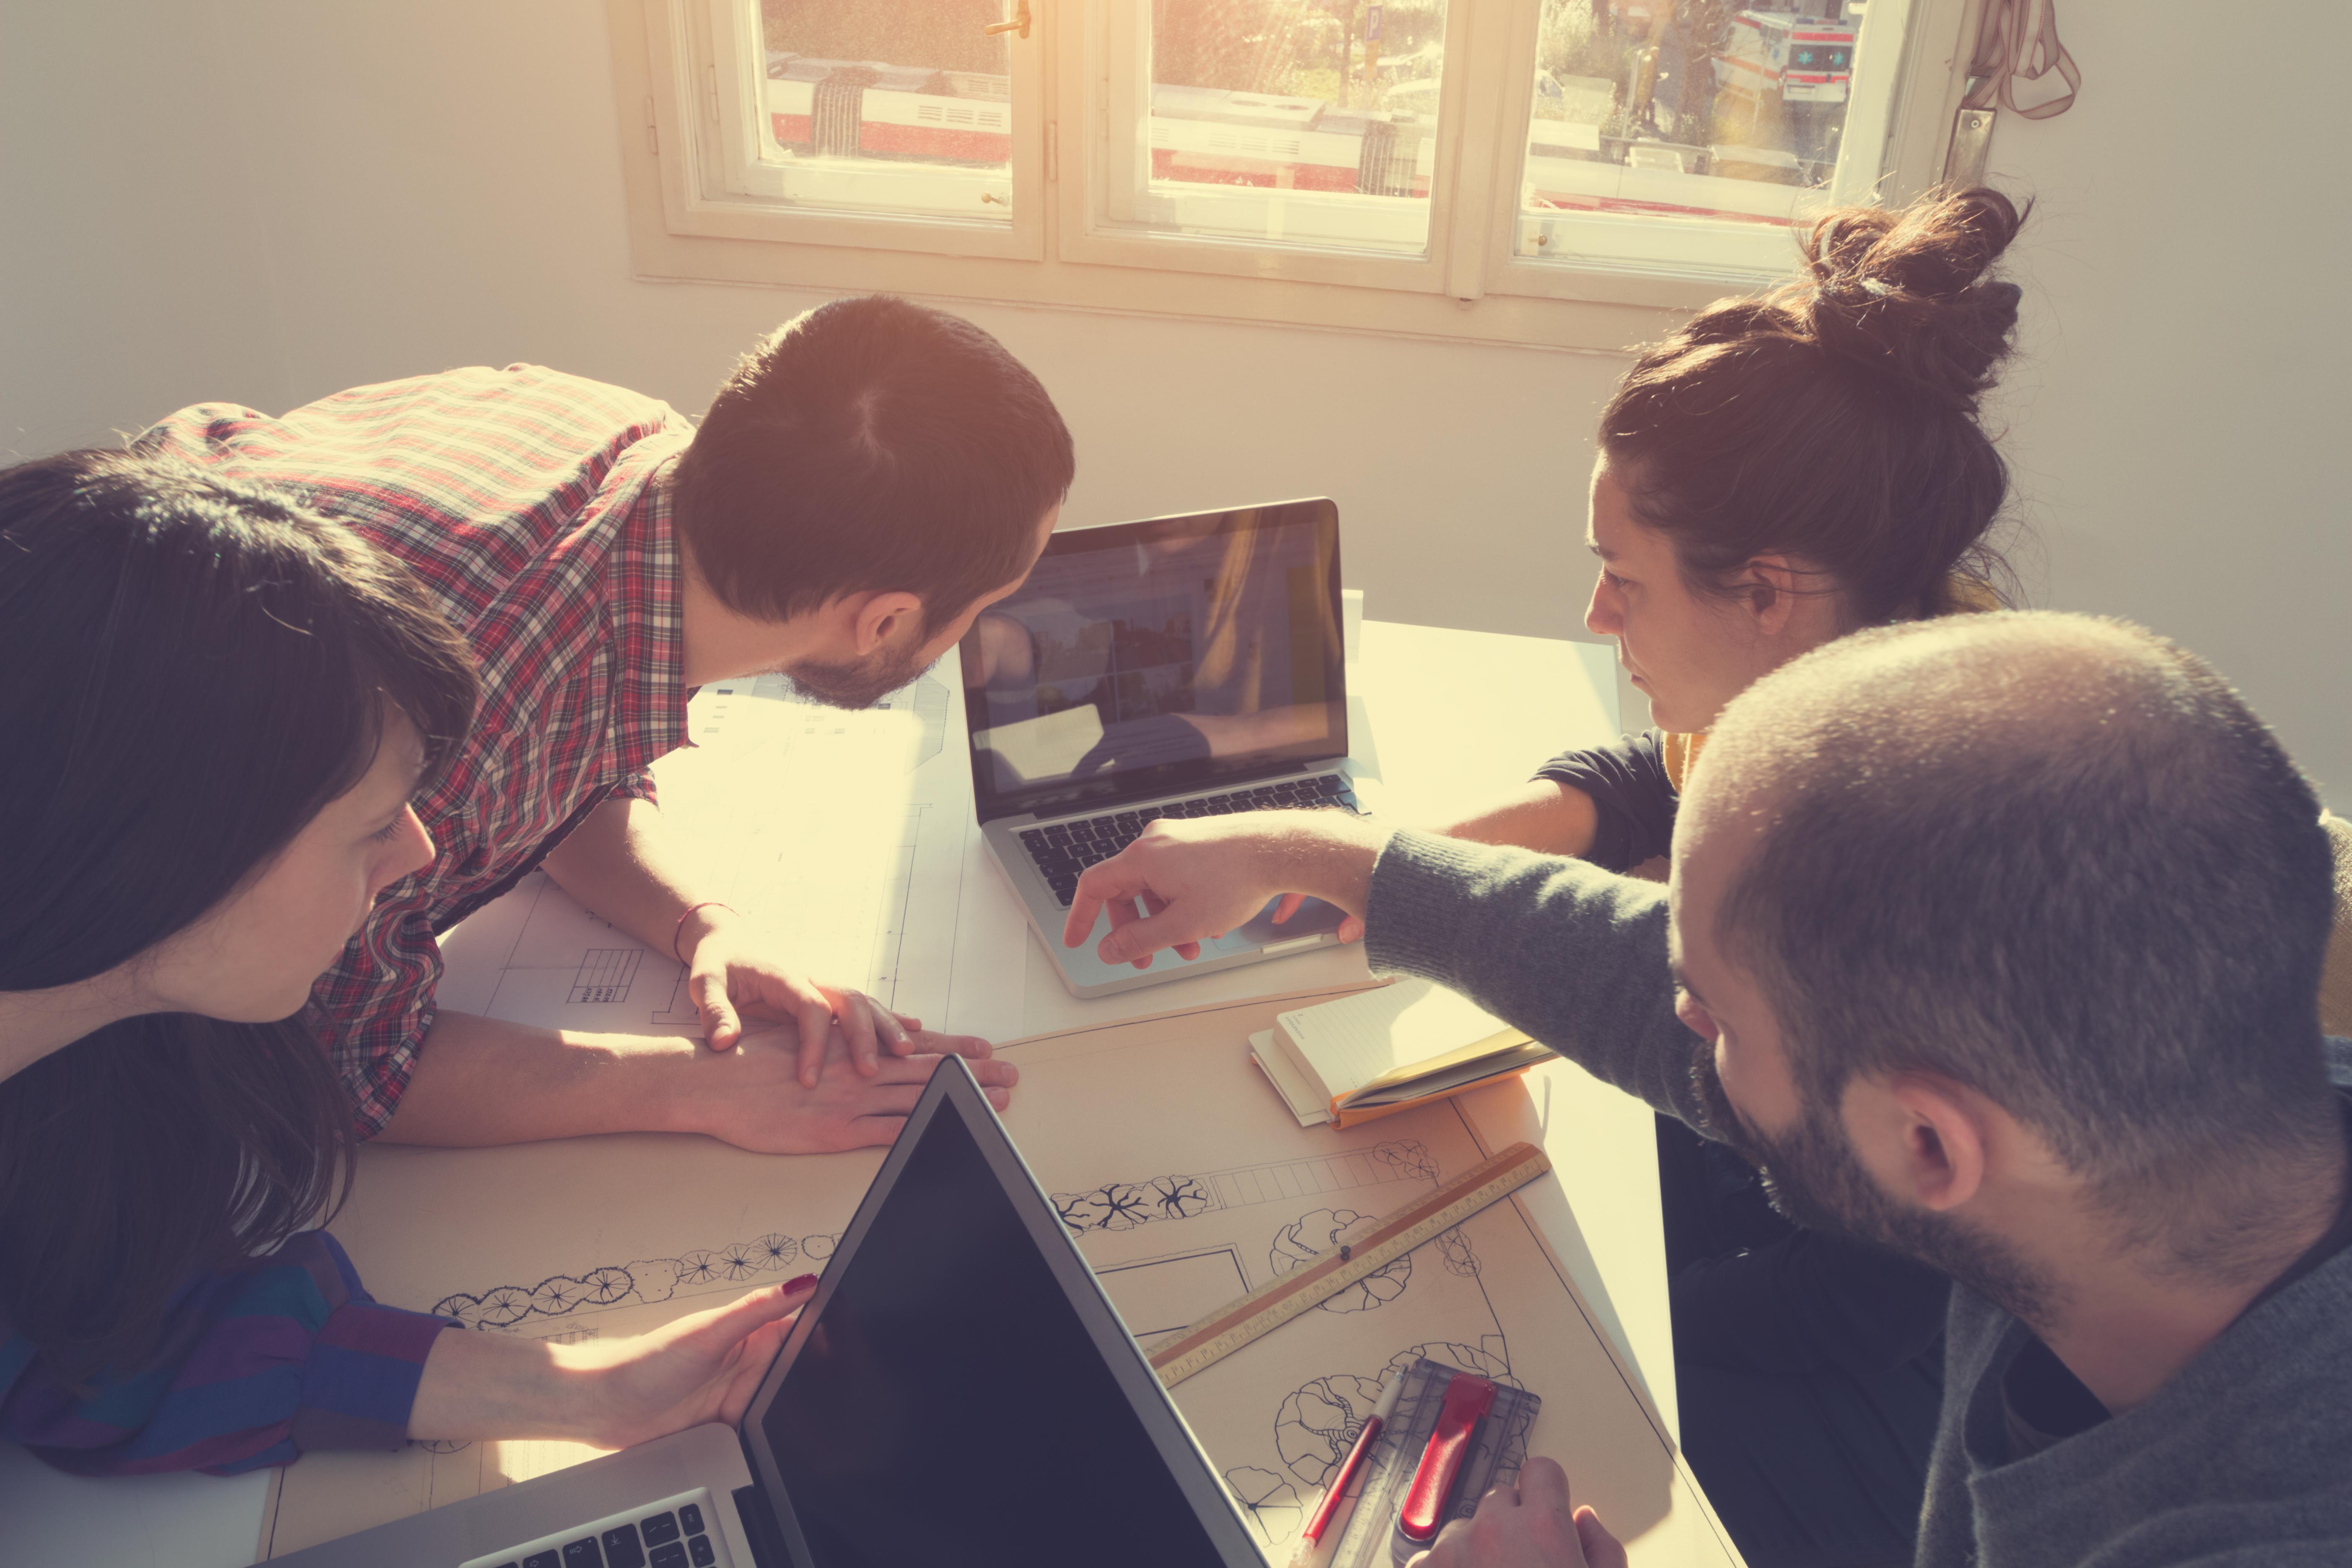 프로젝트를 진행하며 회의하는 모습